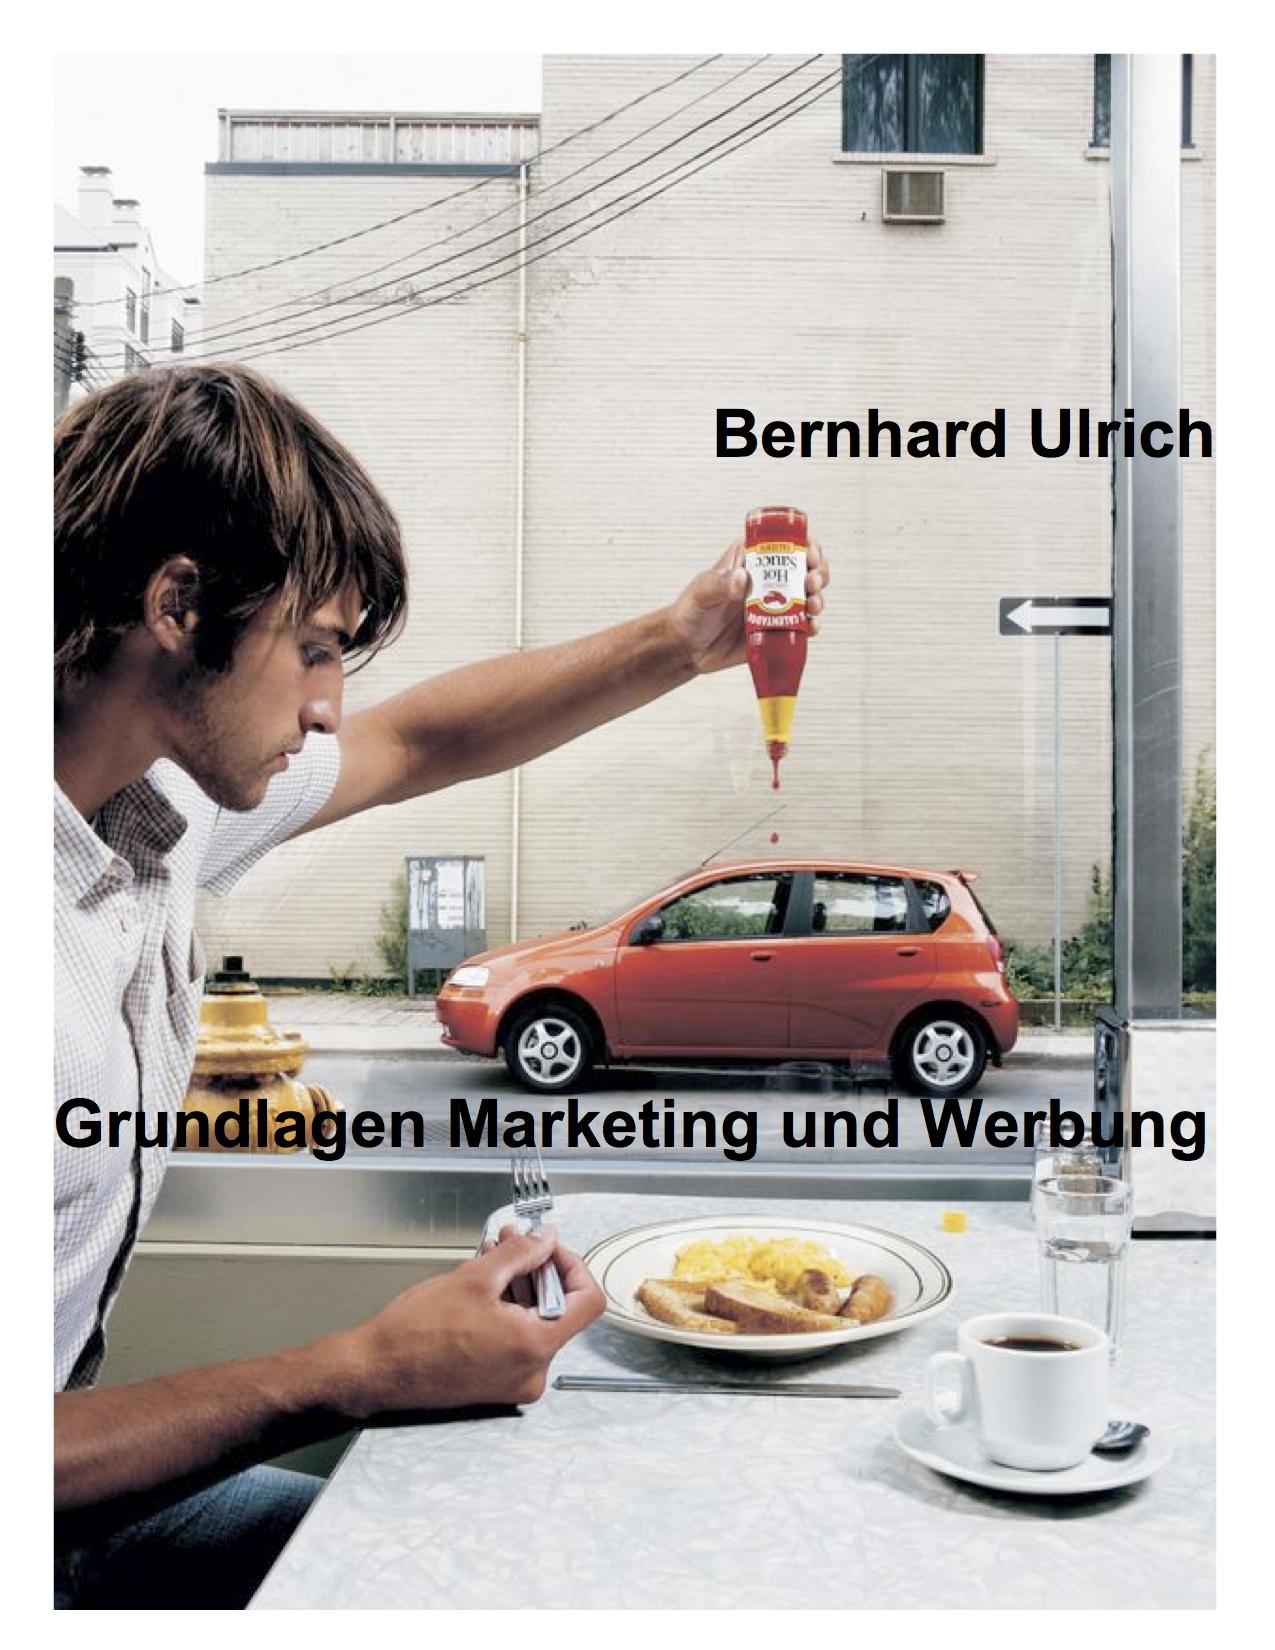 Beispiel Content Marketing